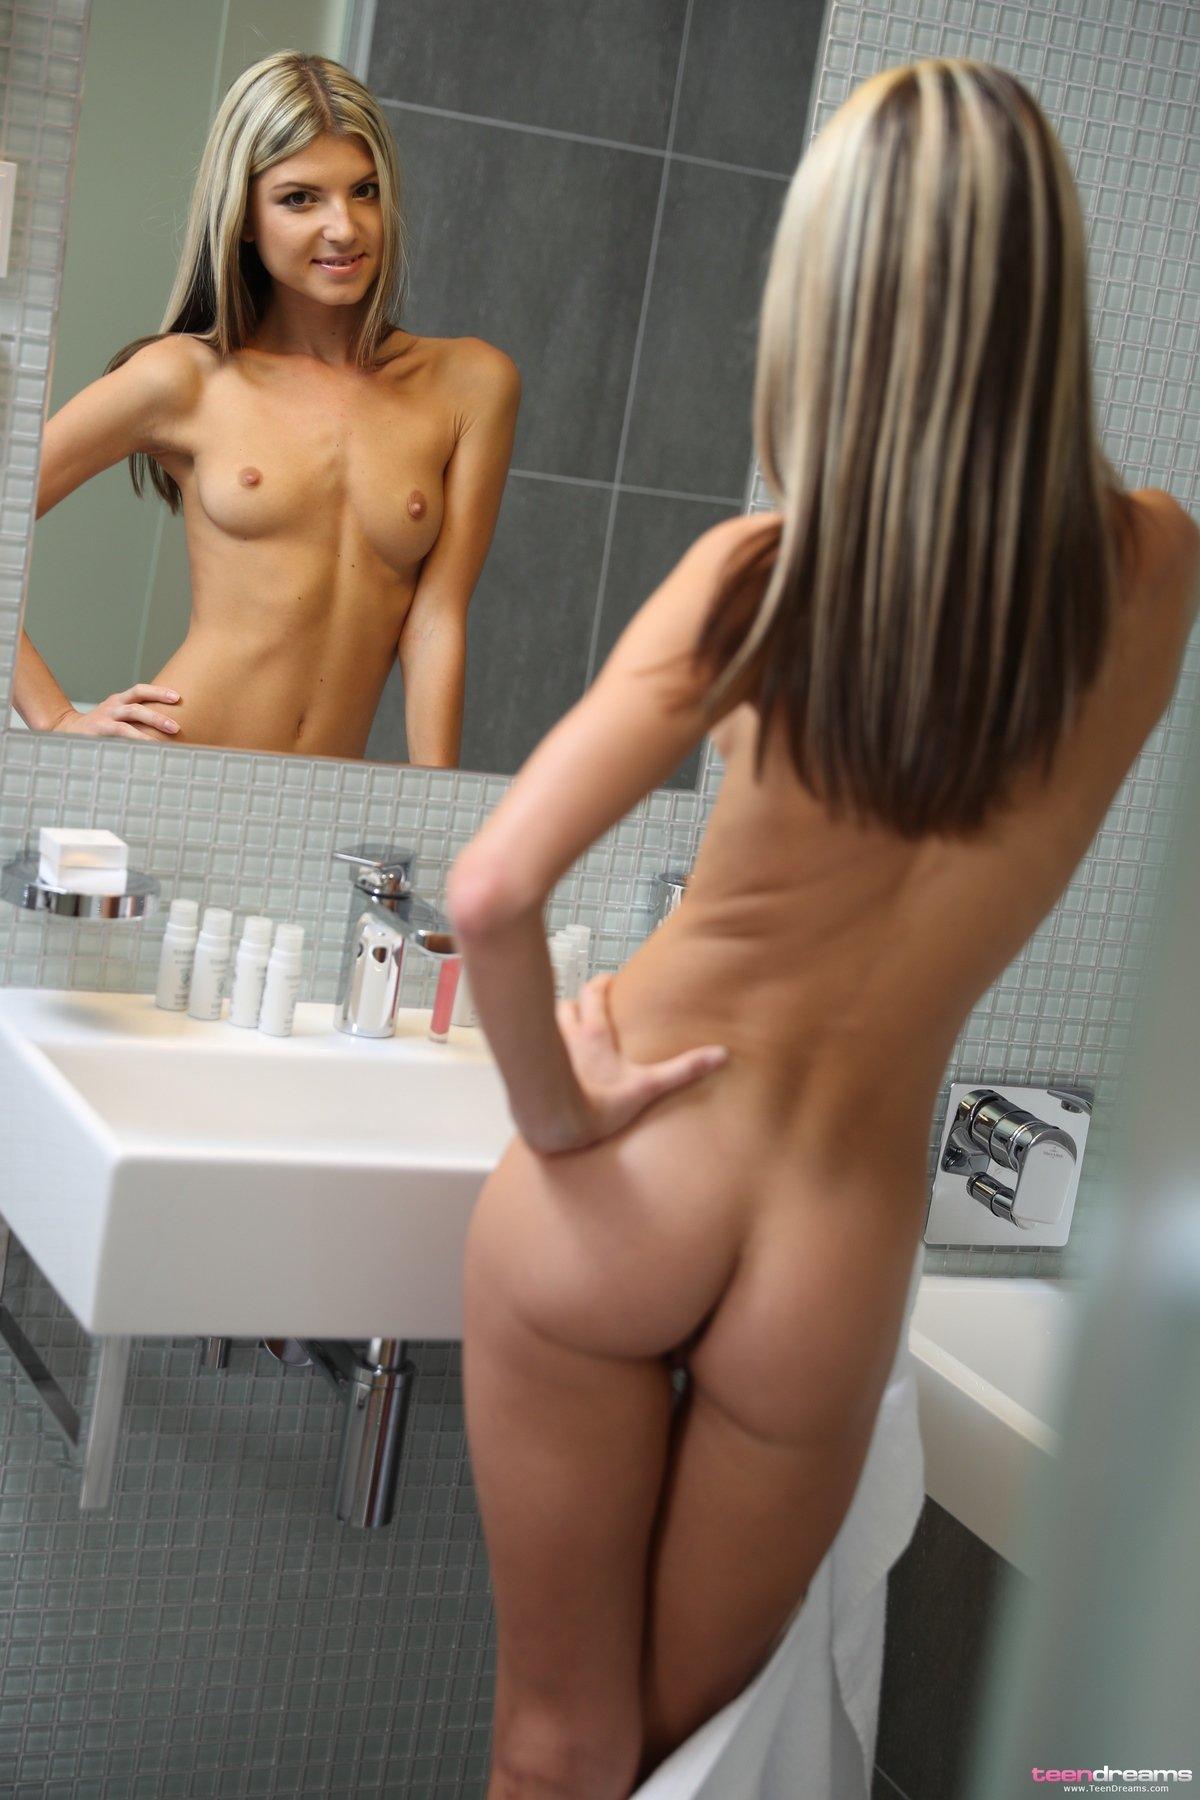 Прекрасная блондинка направляет струю воды между ног секс фото